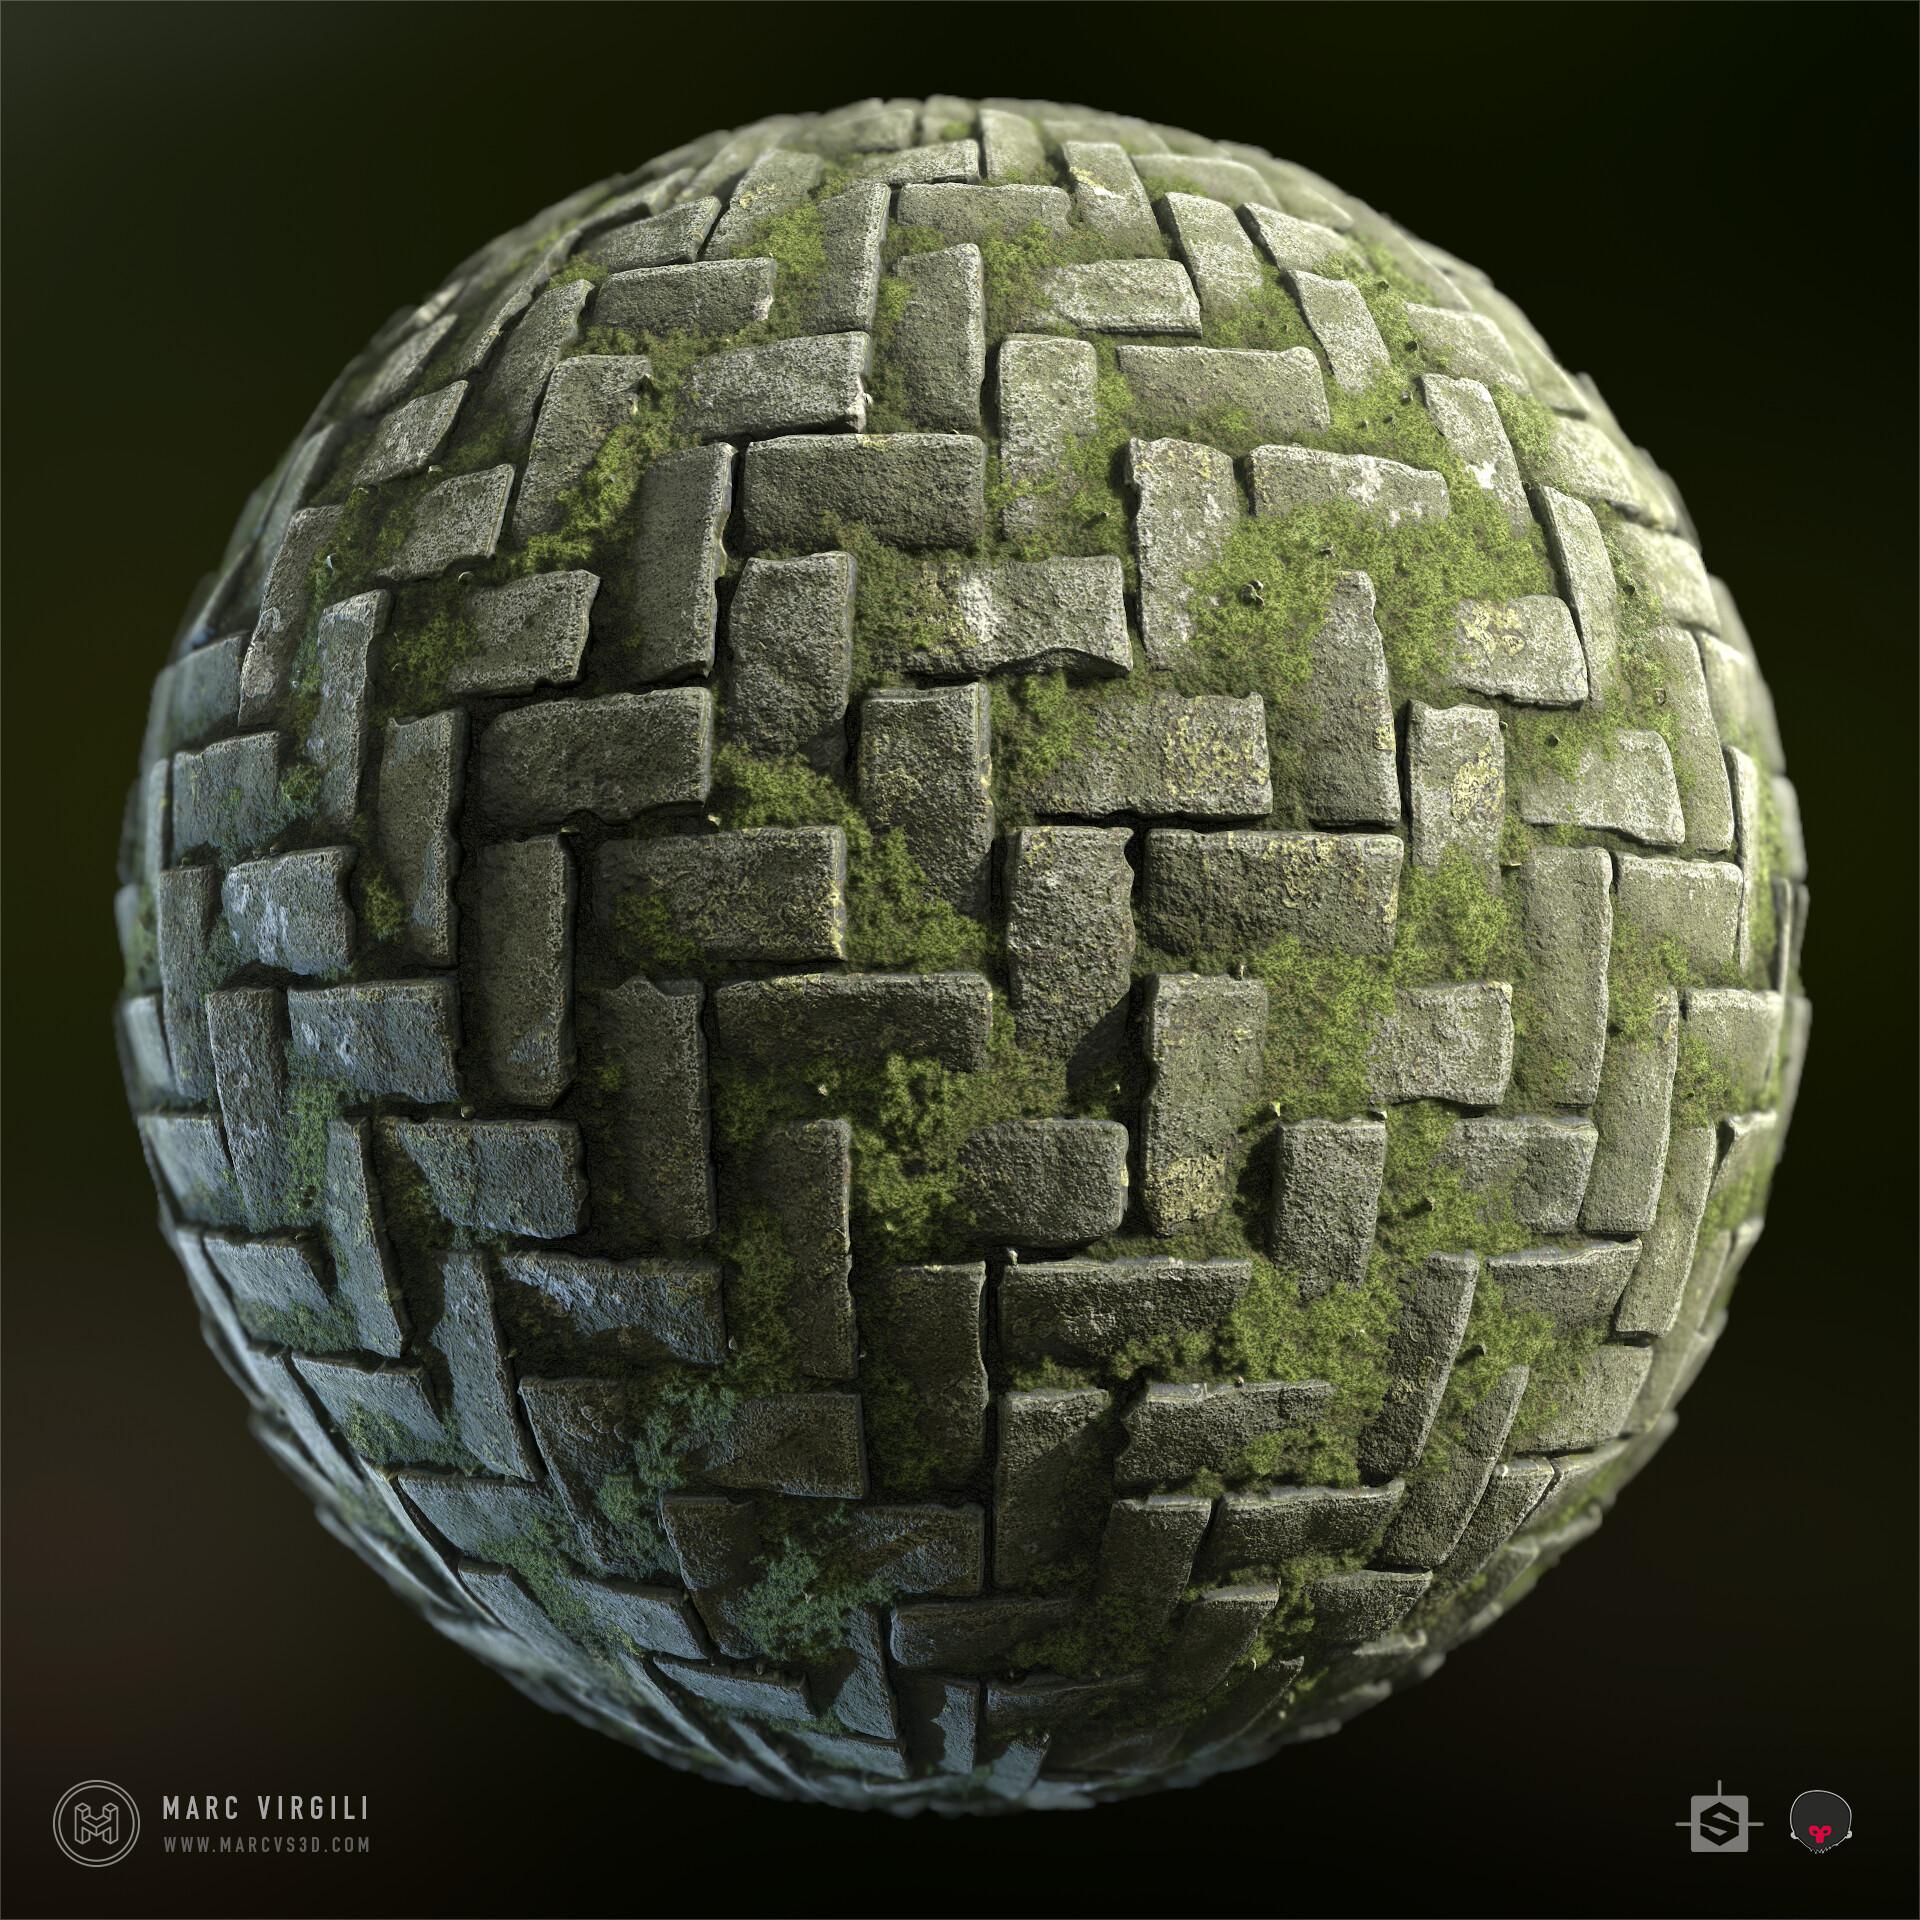 Marc virgili cobblestone sphere mat